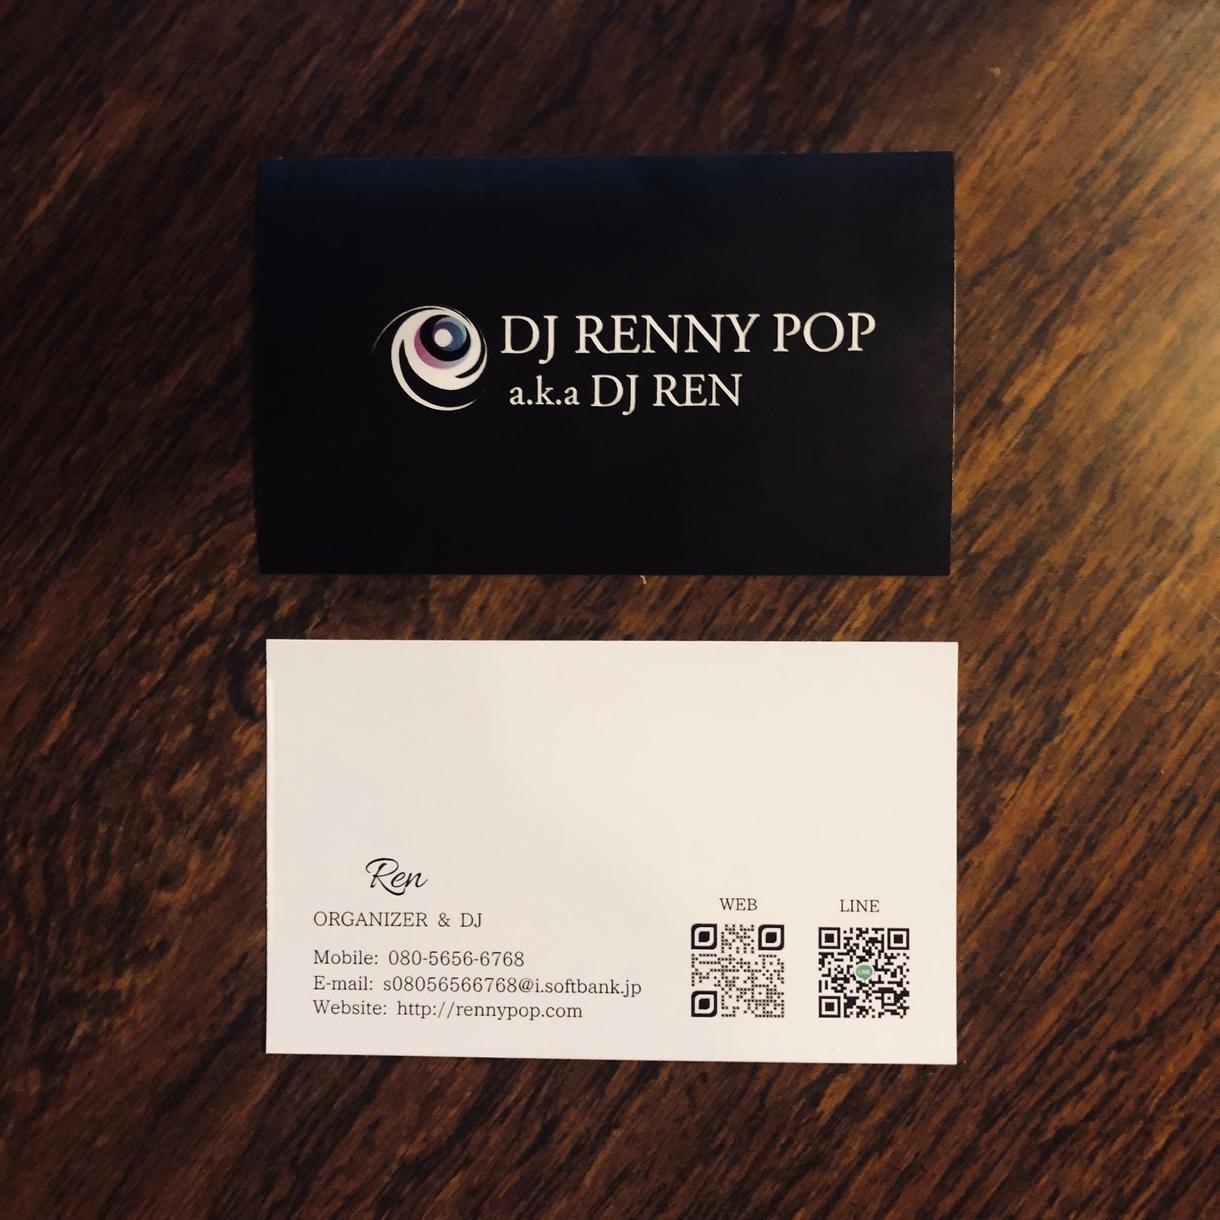 立体的ニス加工名刺orショップカード一括制作します 現役プロデザイナーによるオリジナル名刺、ショップカード制作★